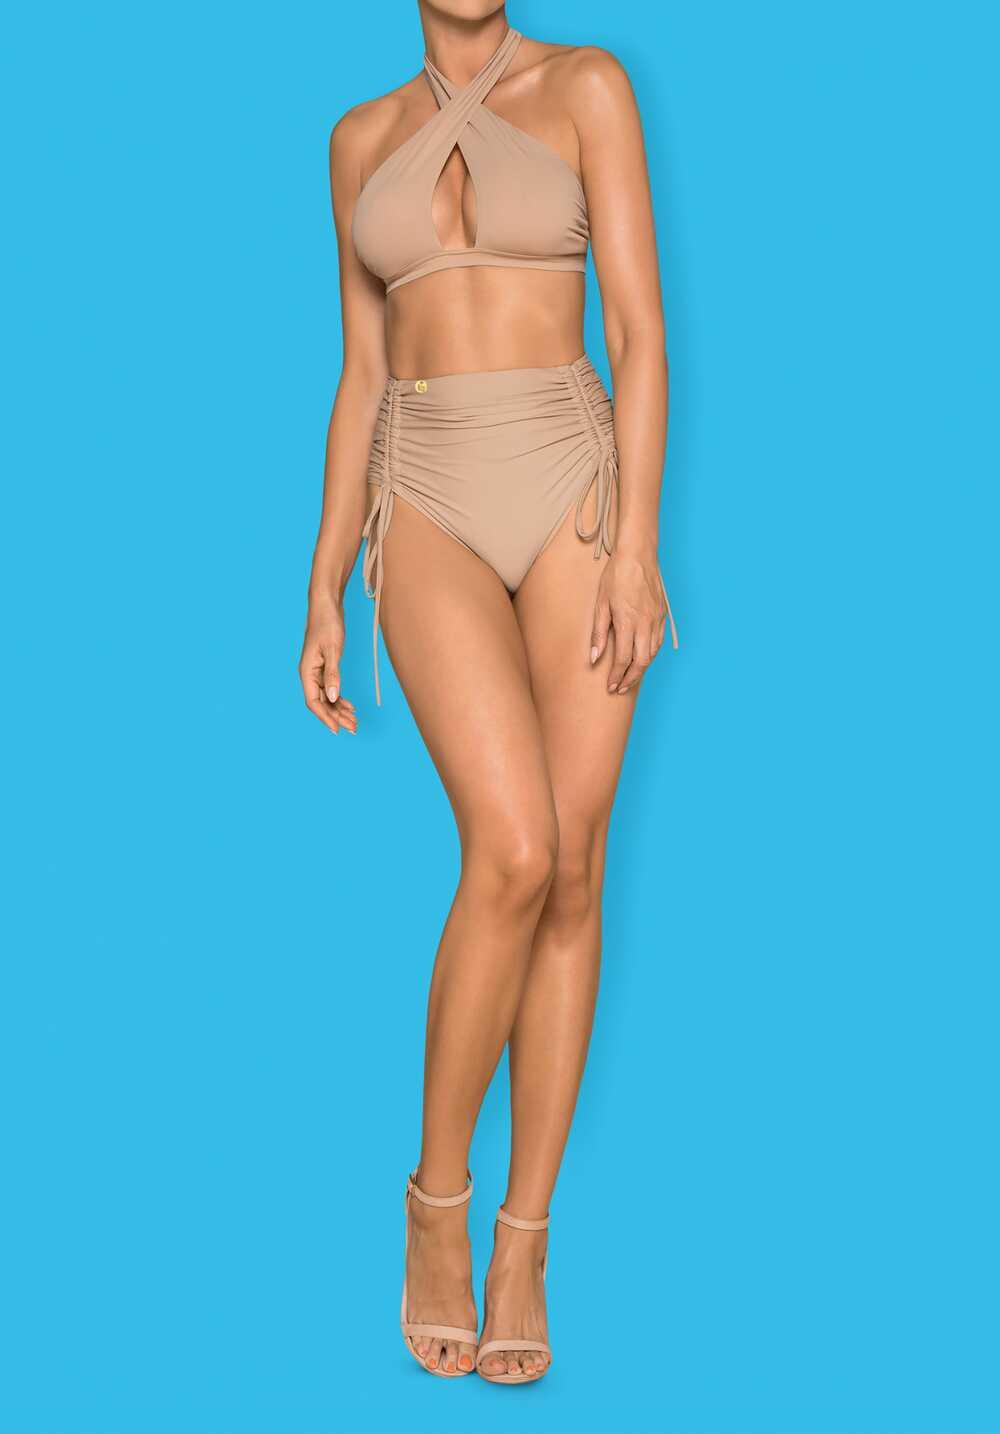 Afbeelding6 Artikel: Beige Bikini met hoge taille Variant: 1134 Parent:  Datum: 05/06/2020 21:23:29